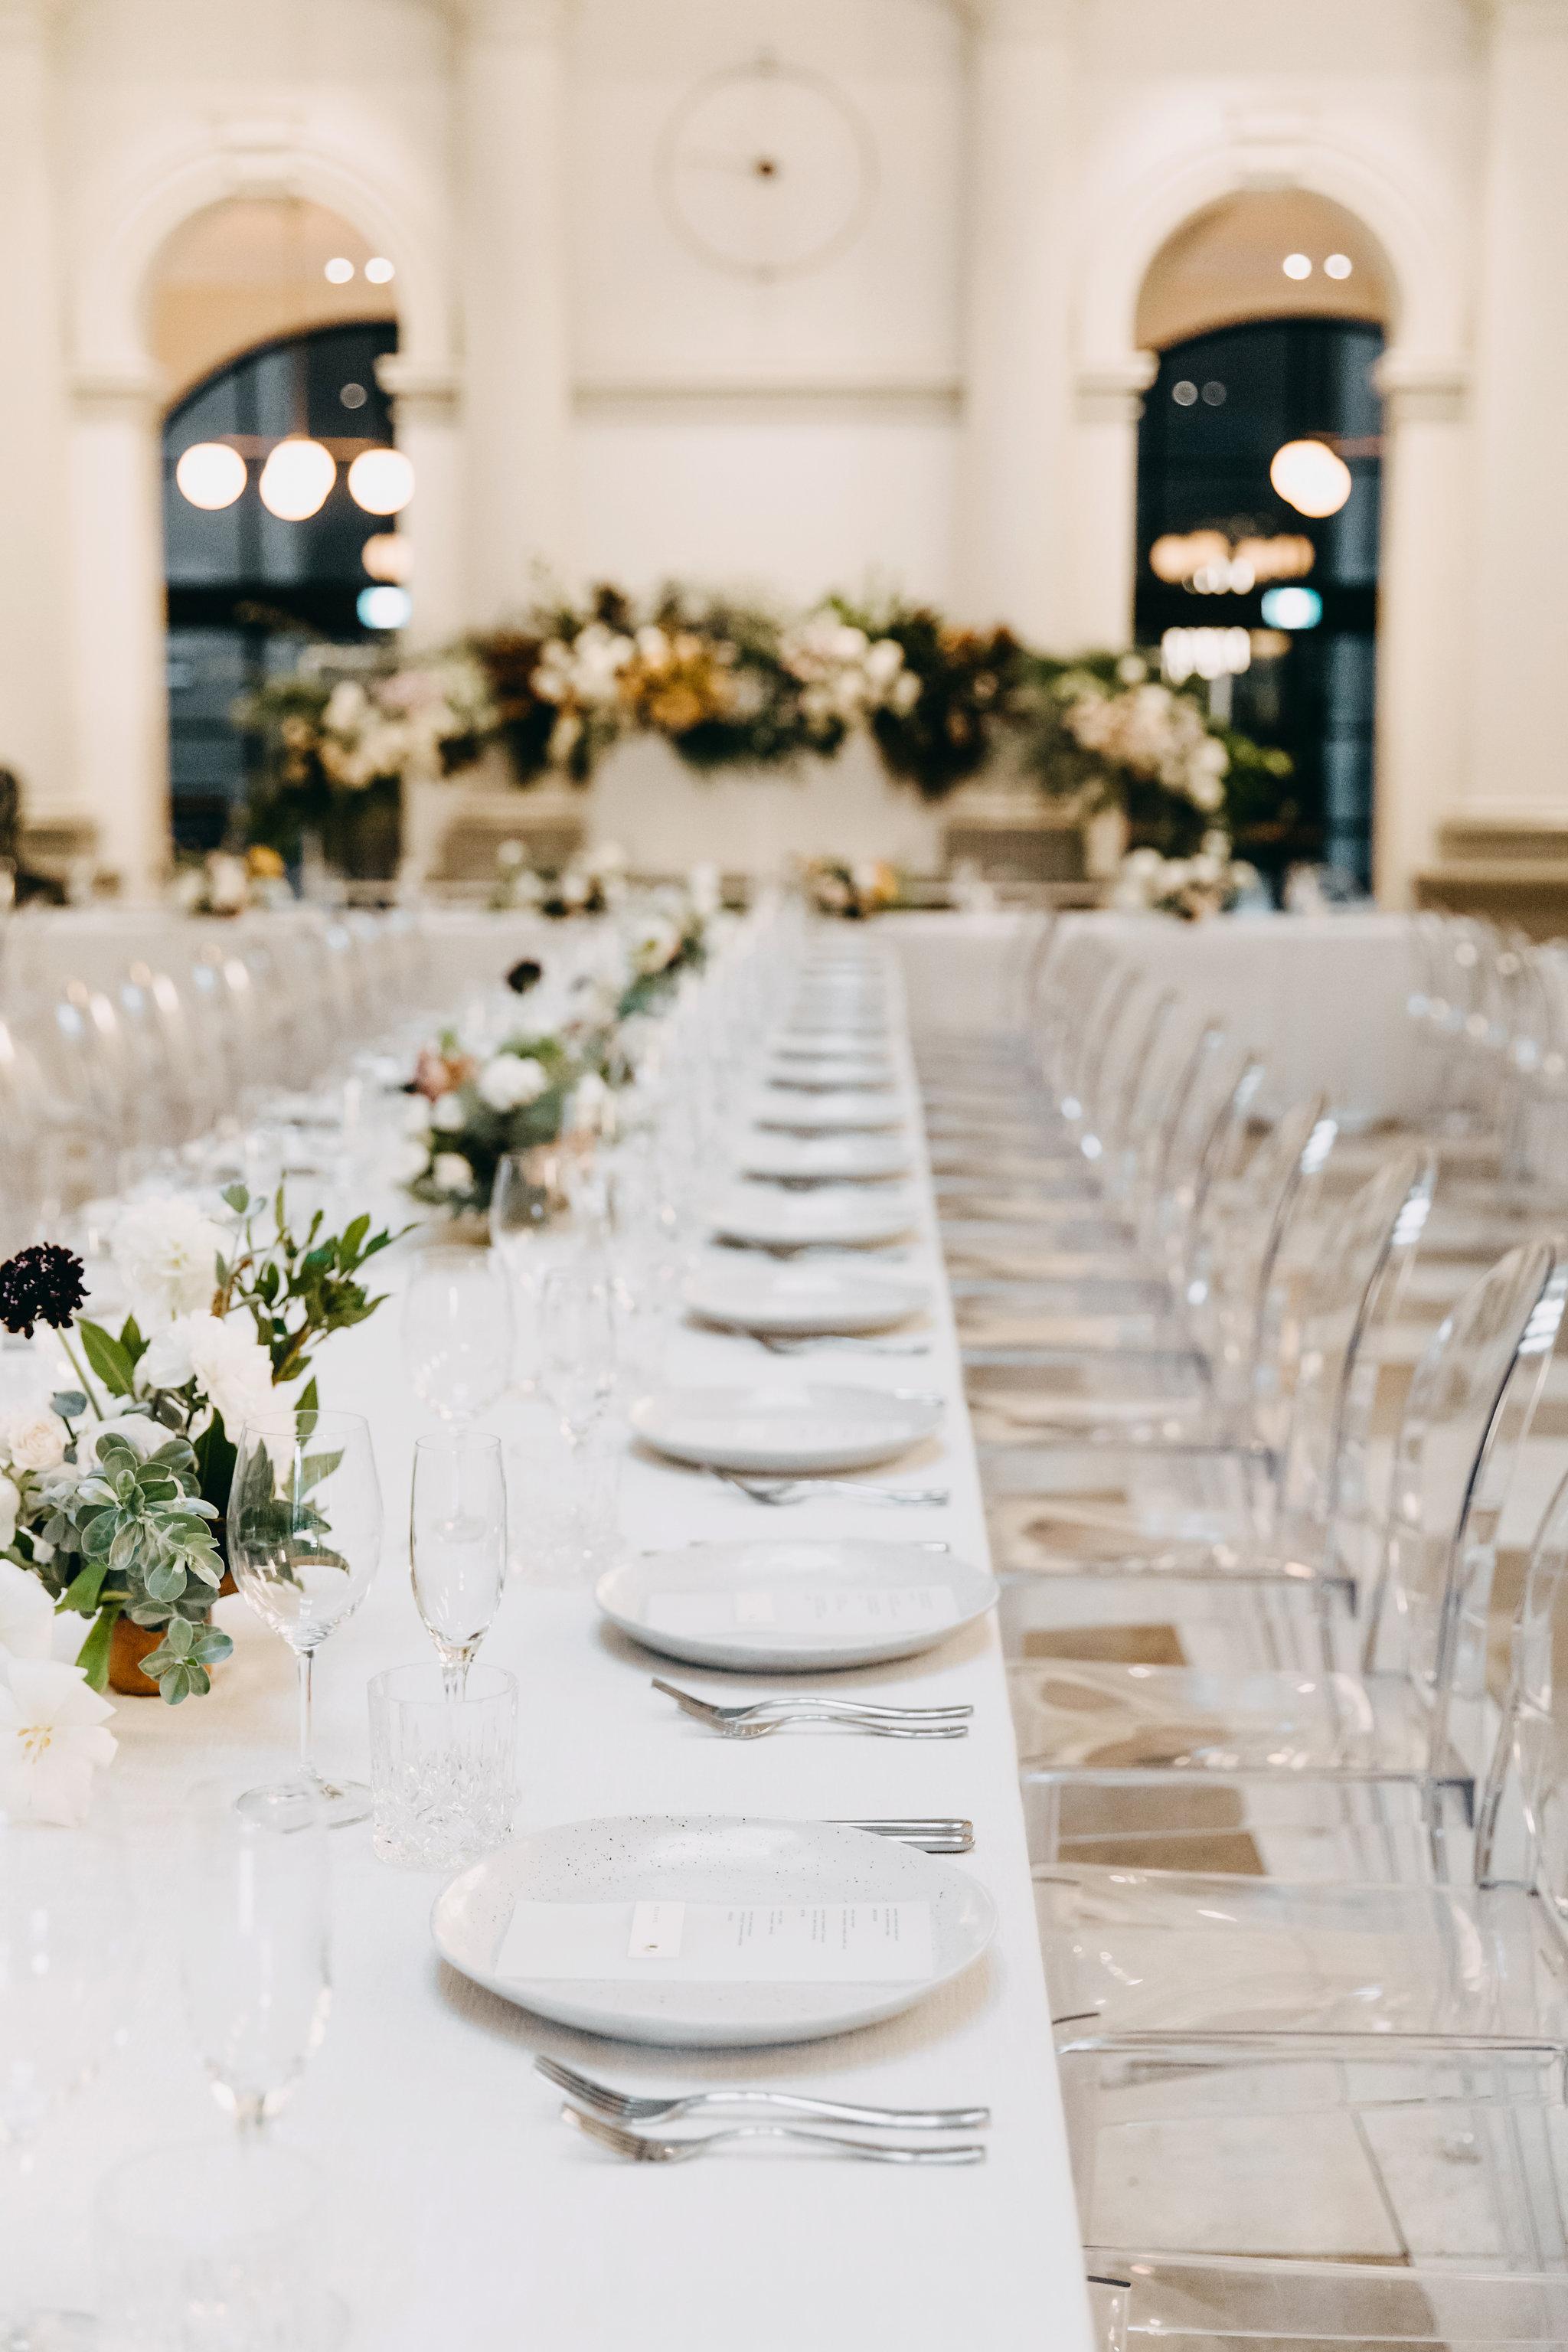 WEDDINGOPENDAY-STATEBUILDINGS-APR2018-14